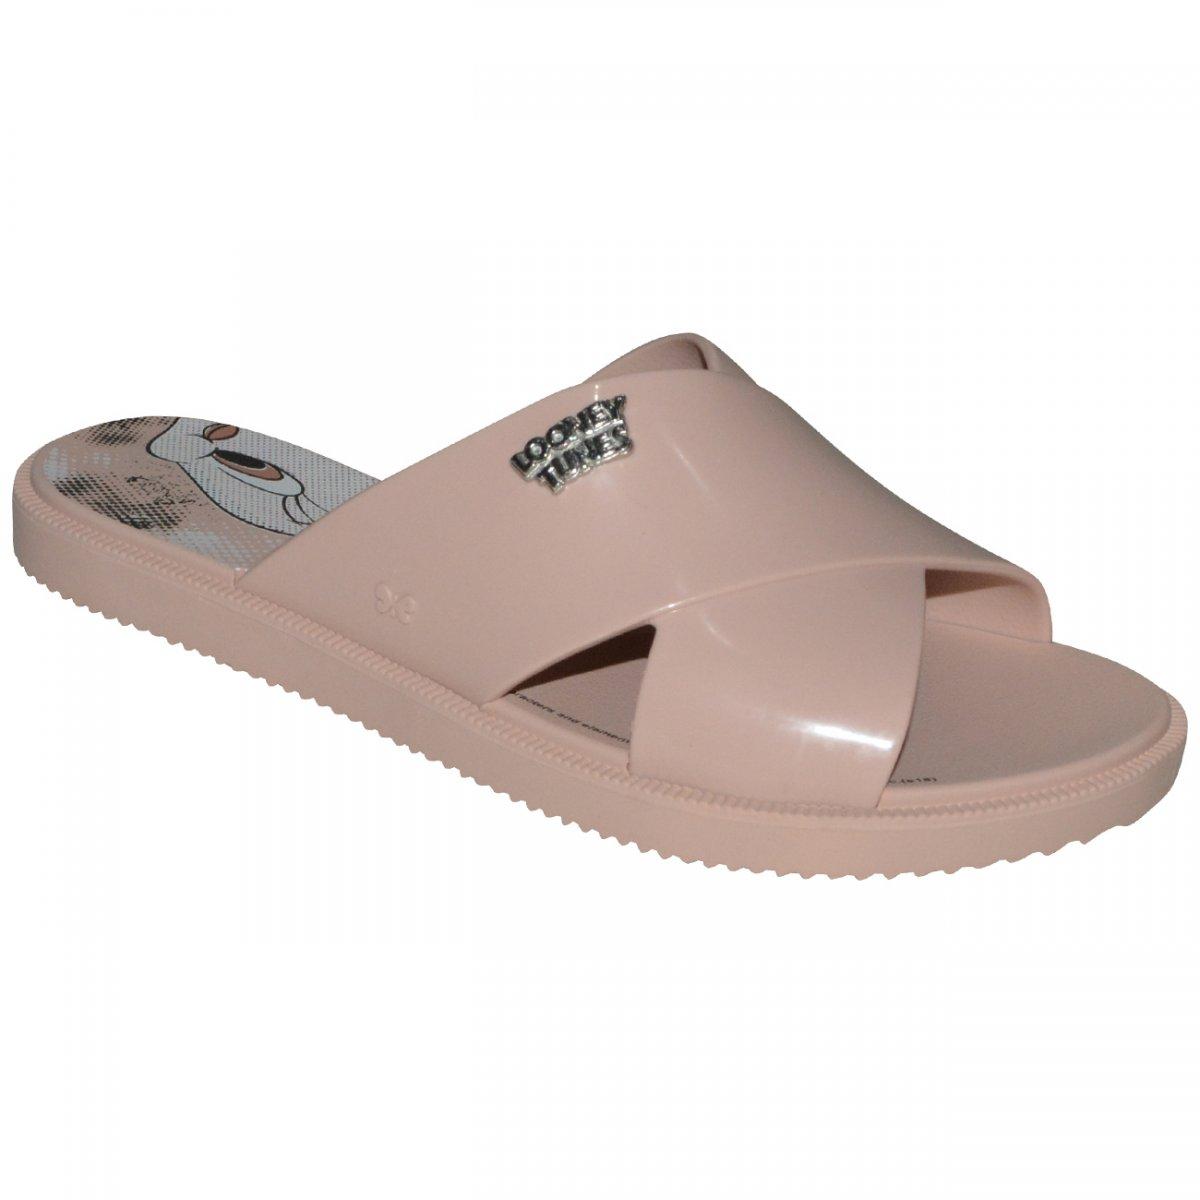 471154776 Chinelo Zaxy Looney Tunes 17762 17762 - 90773 - Nude - Chuteira Nike,  Adidas. Sandalias Femininas. Sandy Calçados